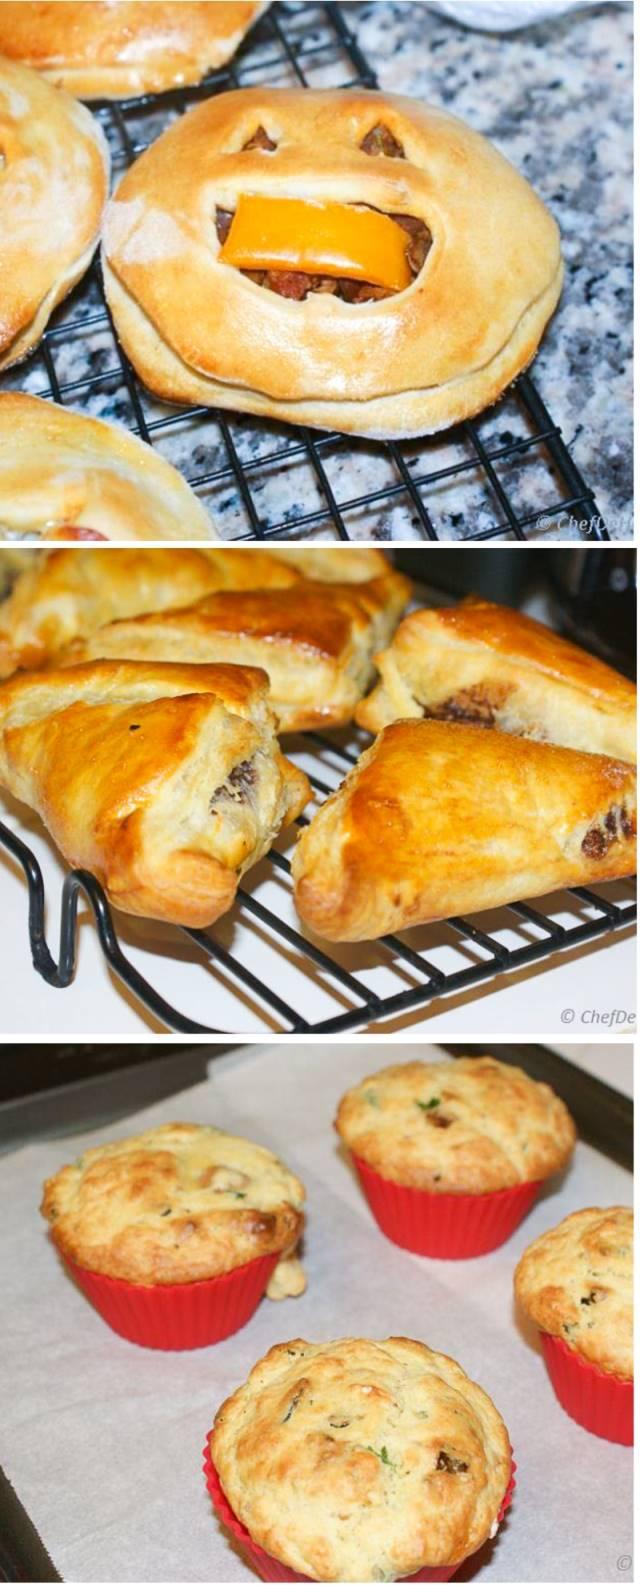 savory bake ideas meals chefdehome com savory bake ideas